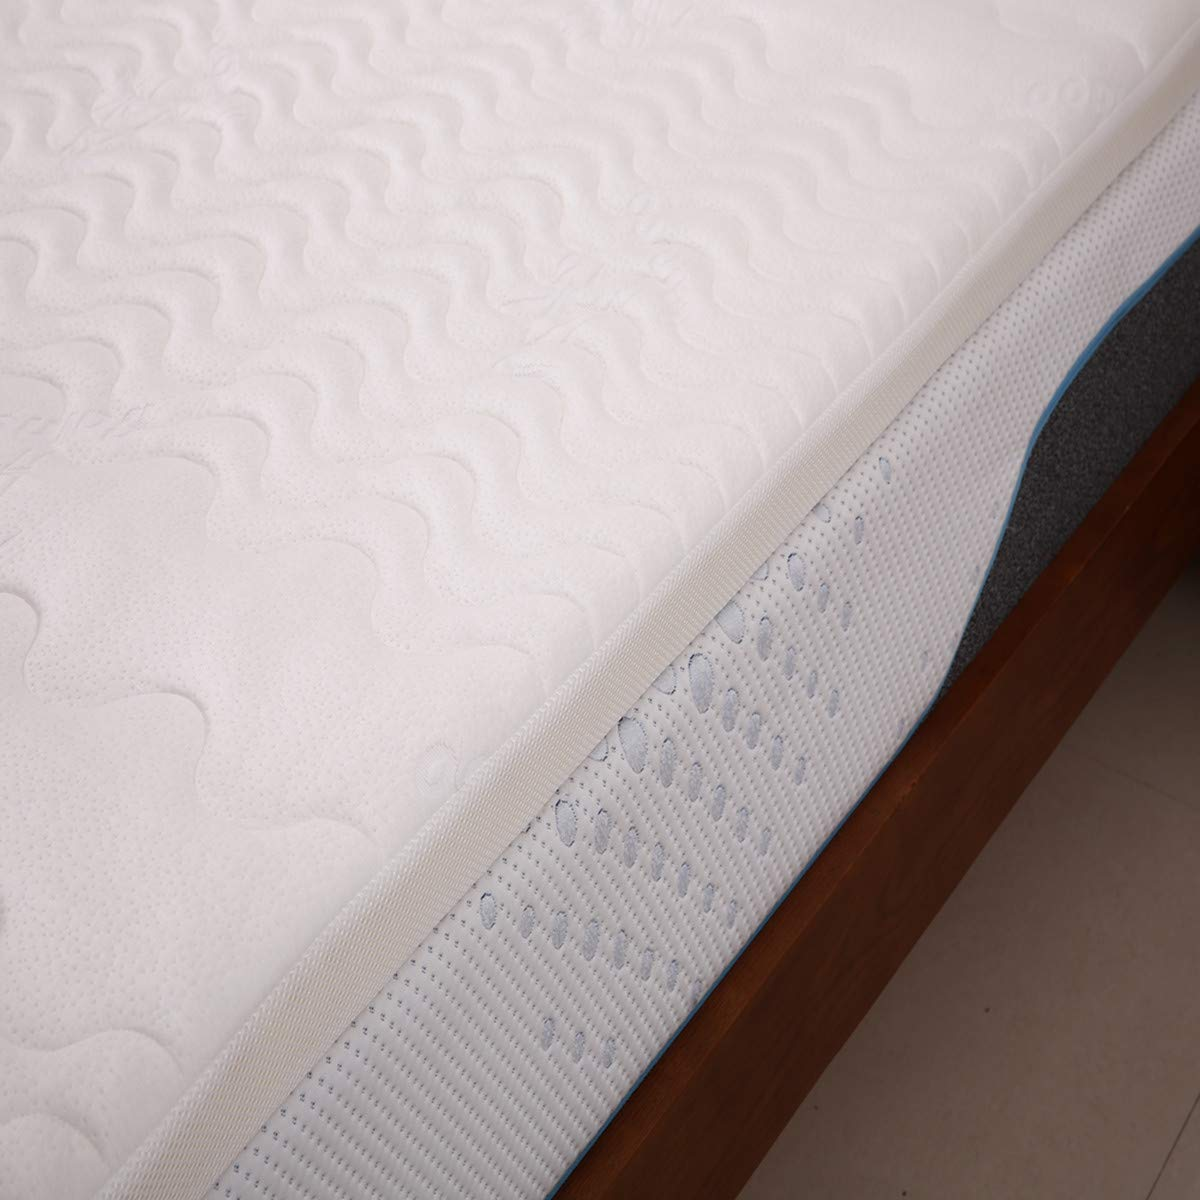 Cr Topper Colchón visco de Espuma con Efecto Memoria 180 x 190 x 6cm Viscoelastico 7 Zonas Funda Hipoalergénica Lavable Extraíble: Amazon.es: Hogar